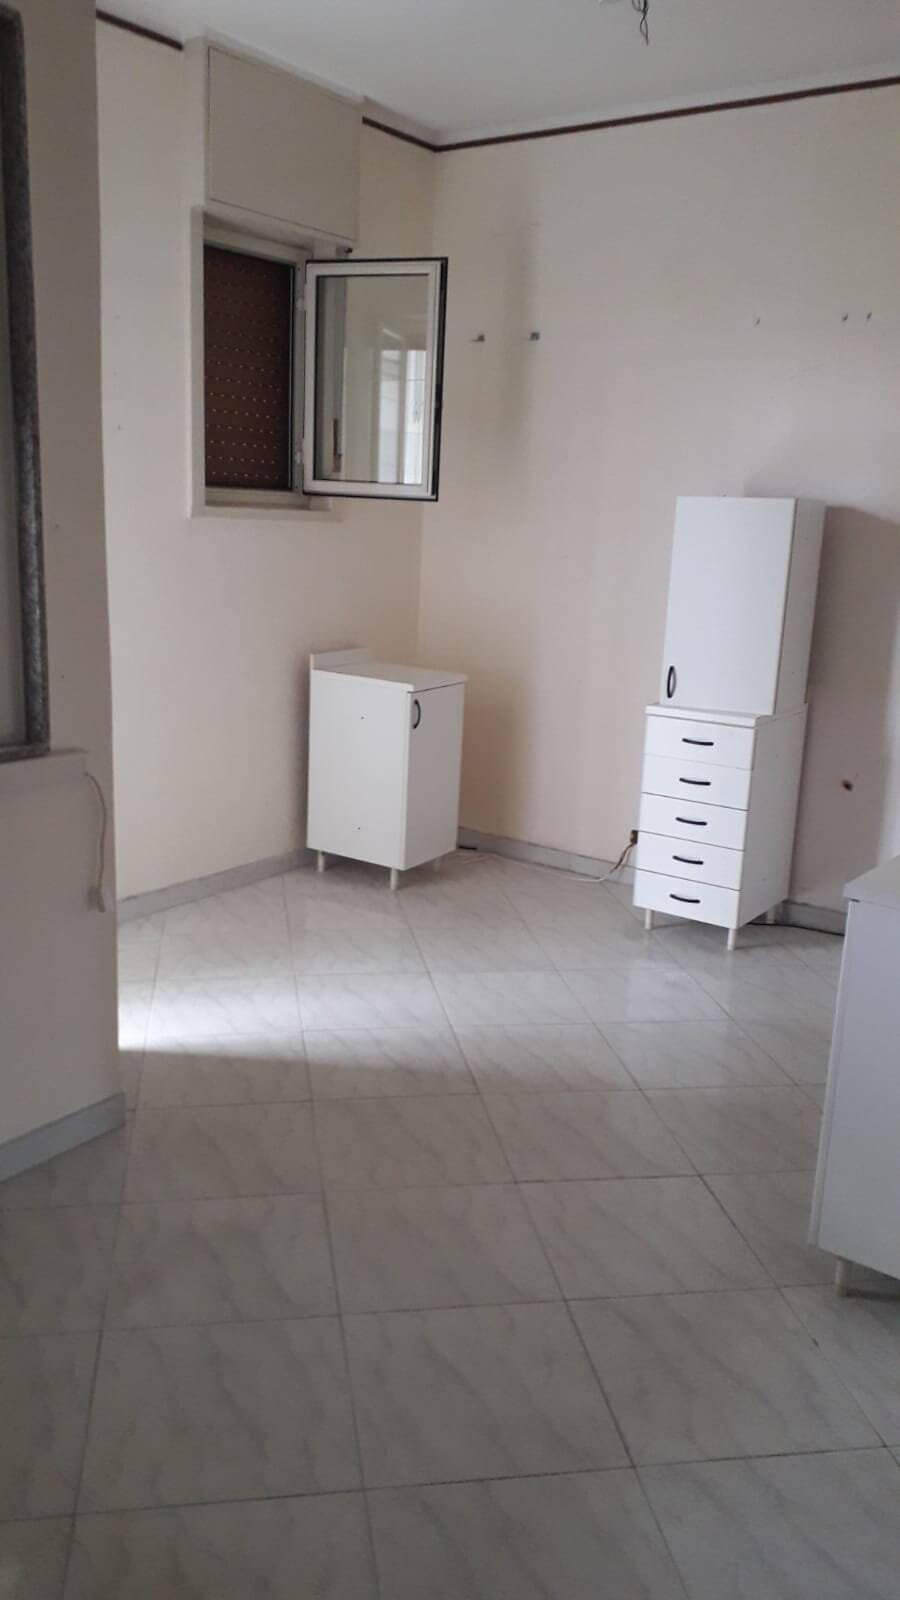 PM098 Appartamento 5 vani